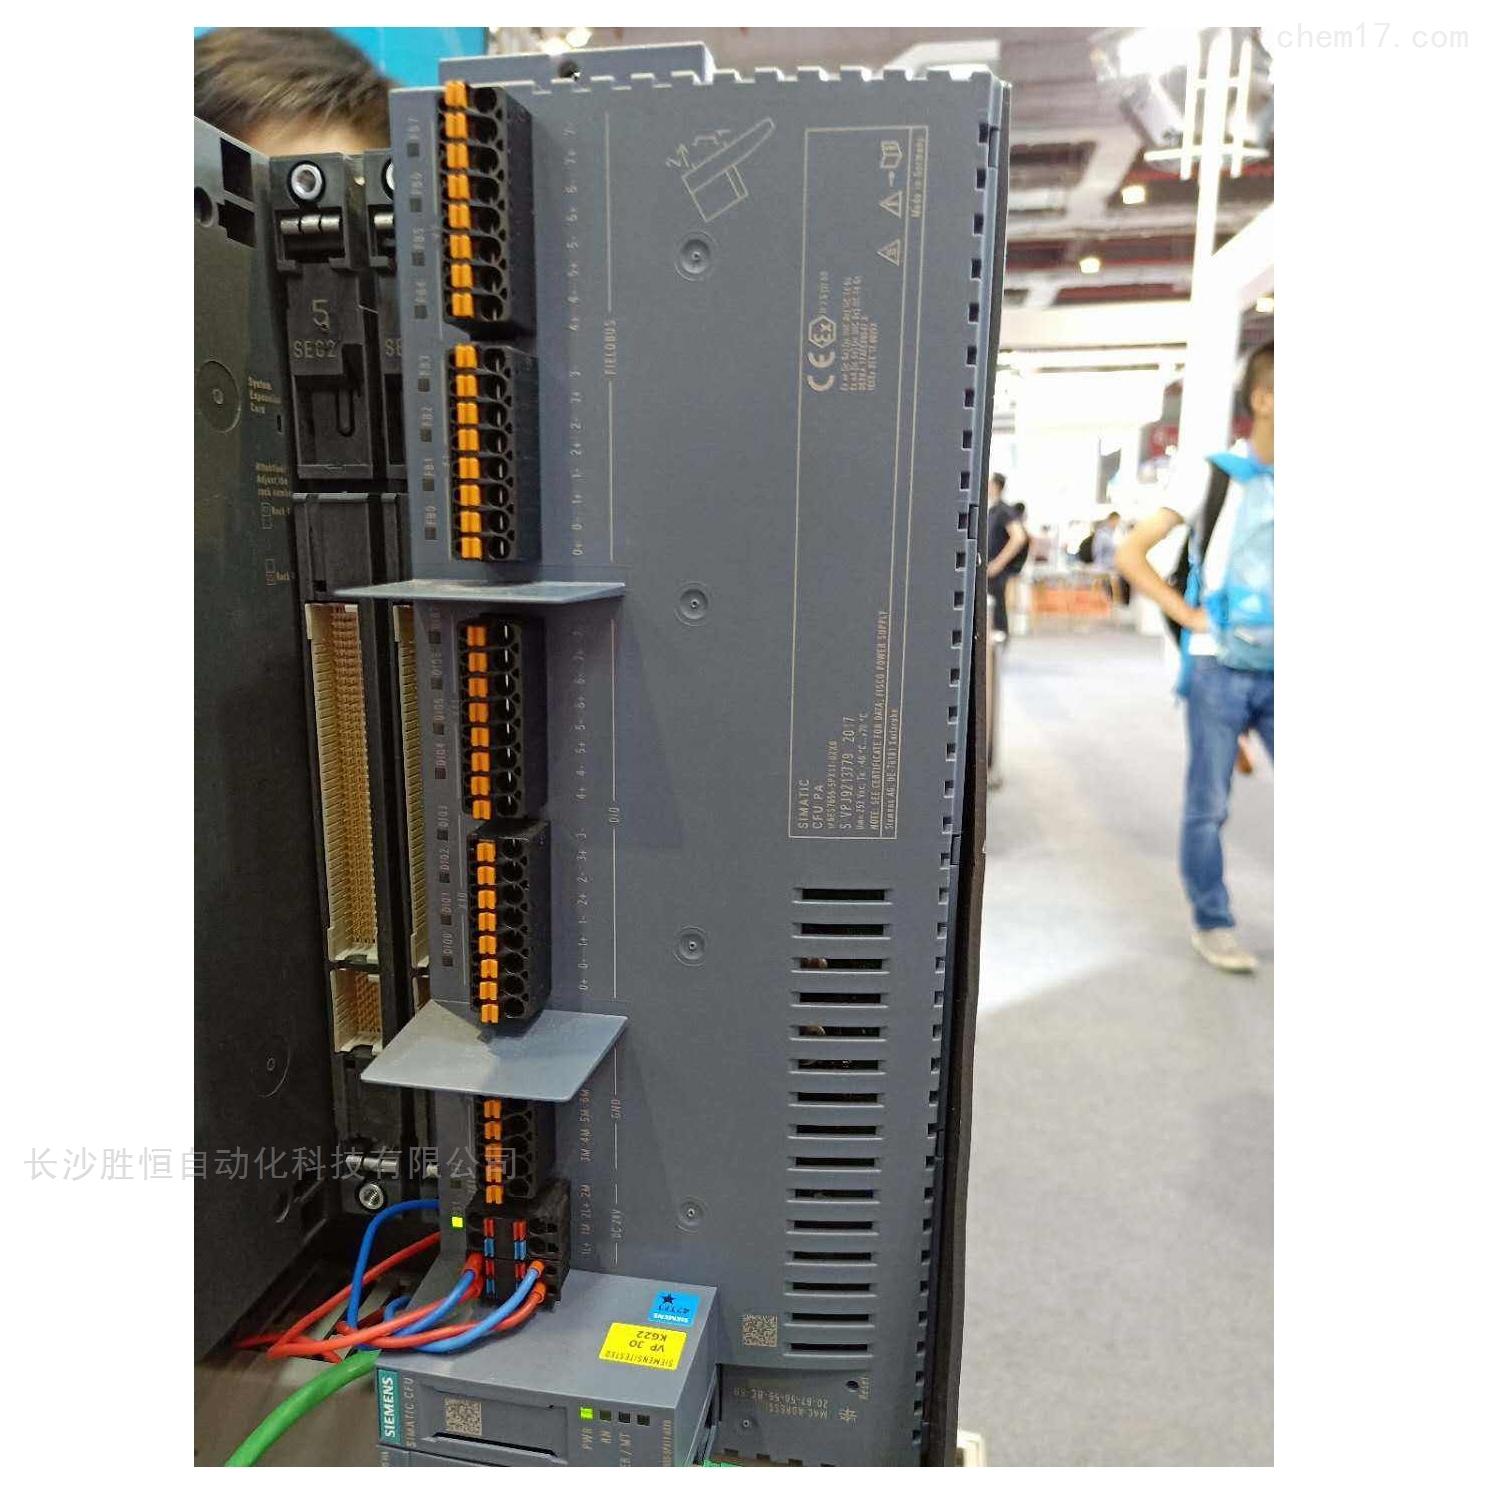 西门子模拟量输入模块6ES7531-7NF10-0AB0